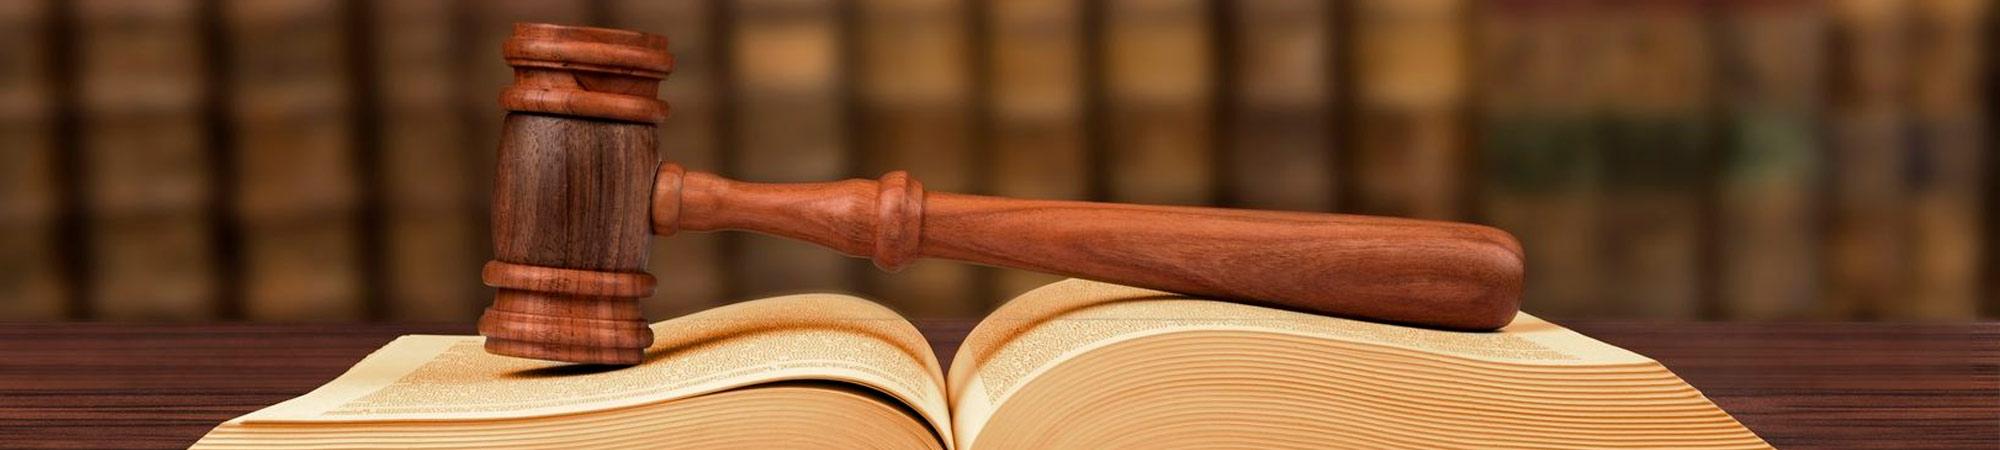 bufetes-de-abogados-madrid-justicia-img